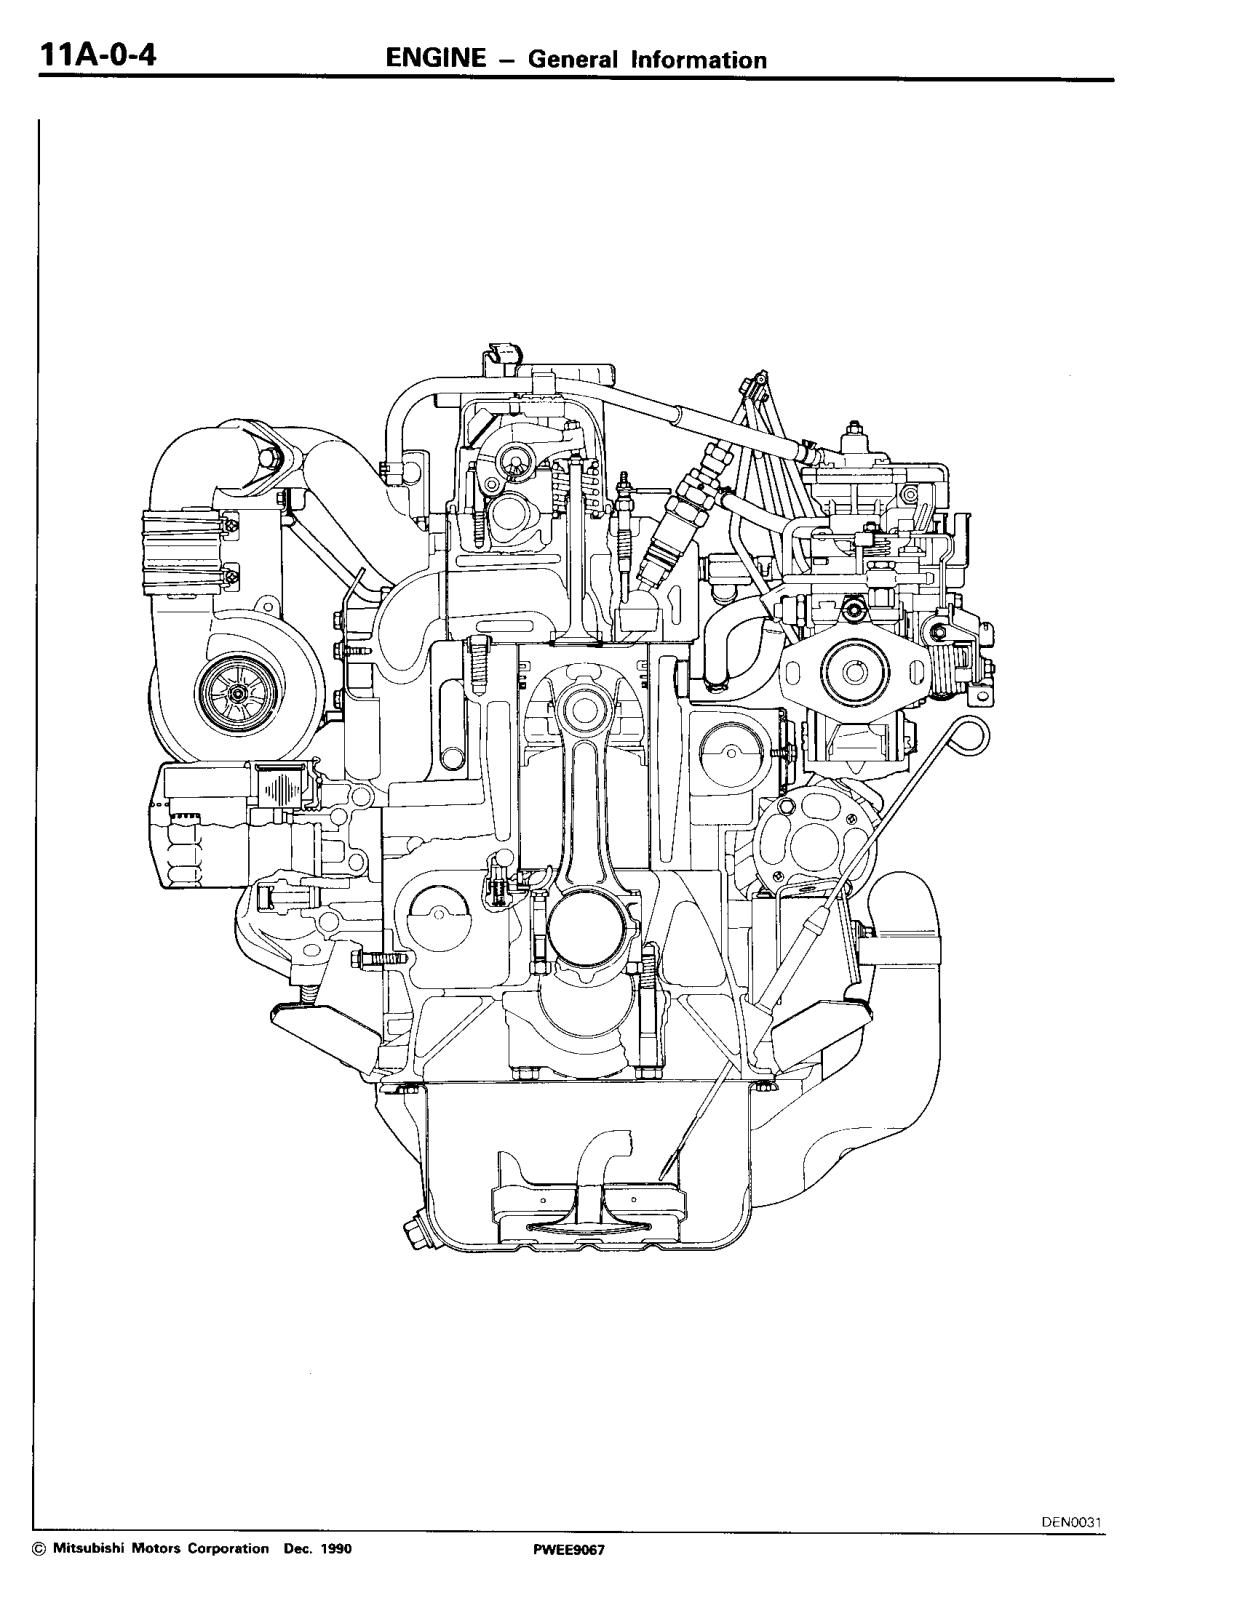 Mitsubishi 4D56, 4D-56 4D 56 1991 1993 User Manual